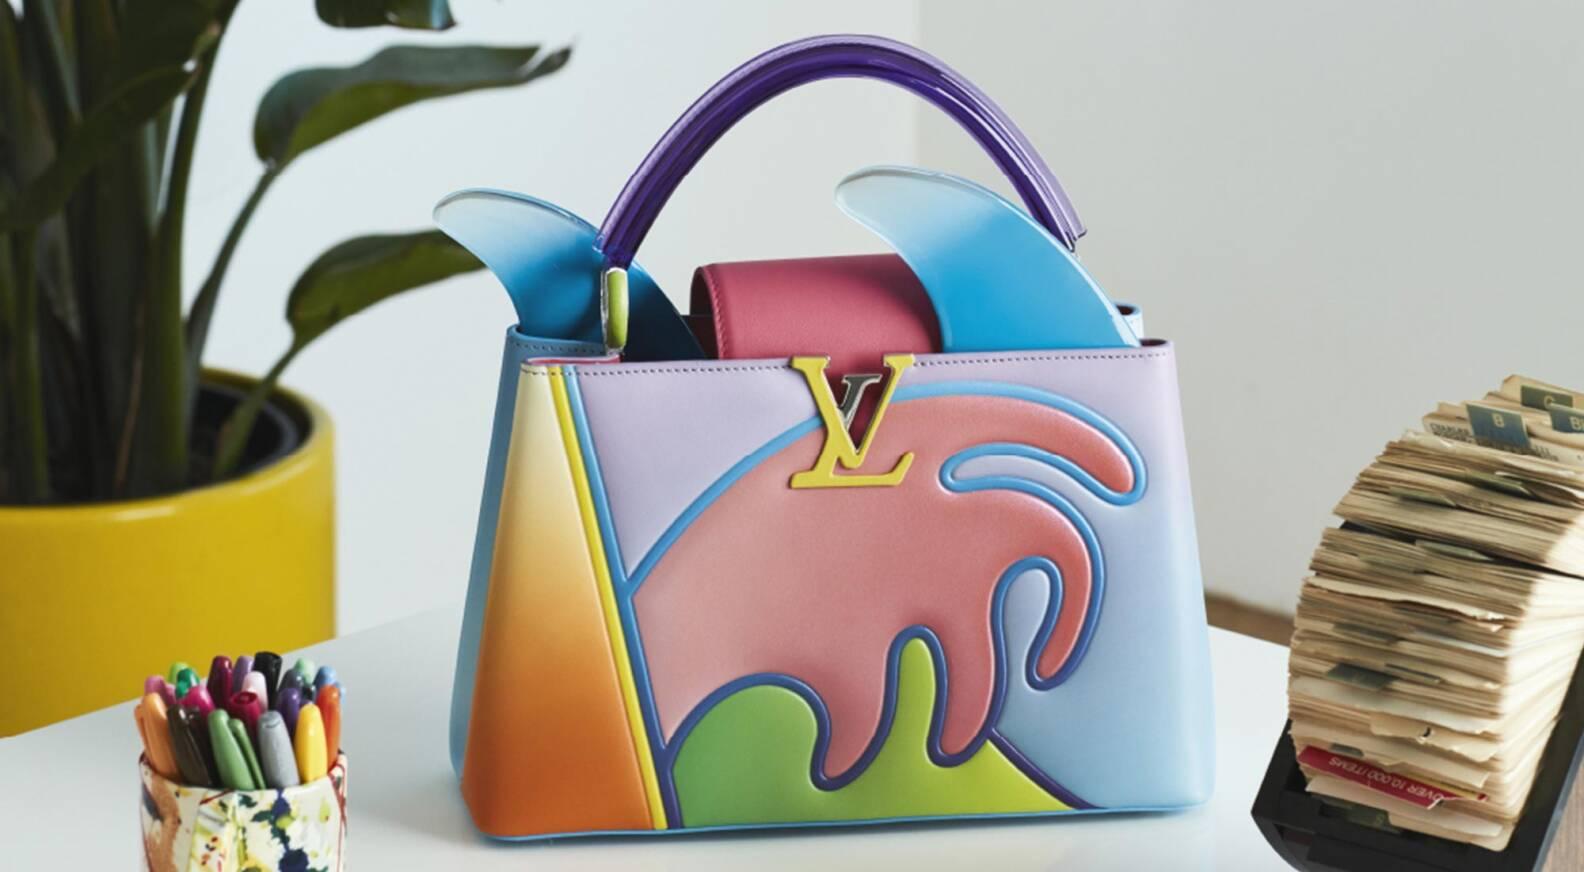 borsa colorata louis vuitton